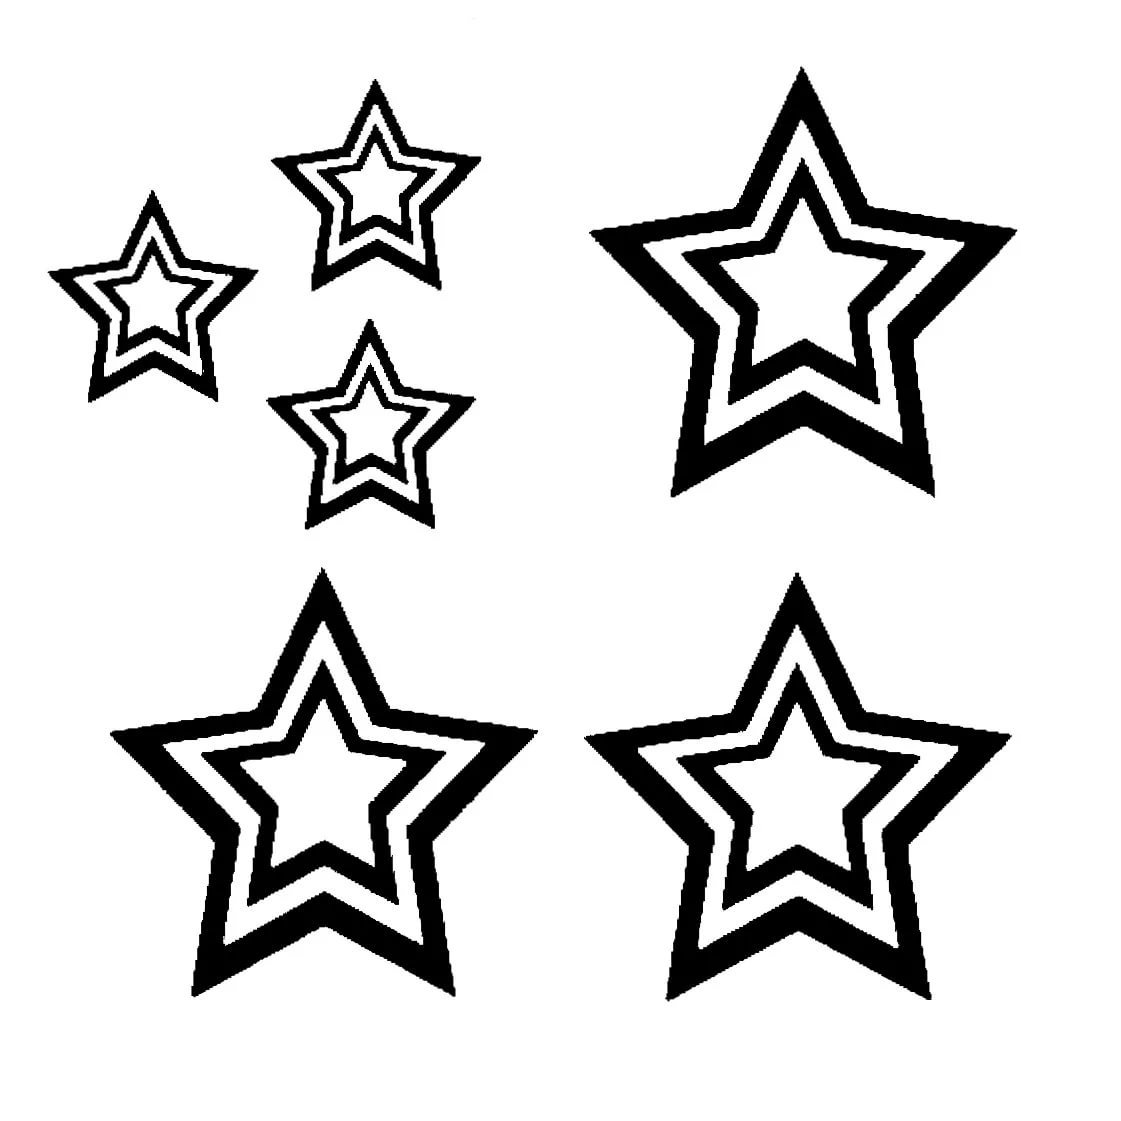 Картинки звездочек для вырезания